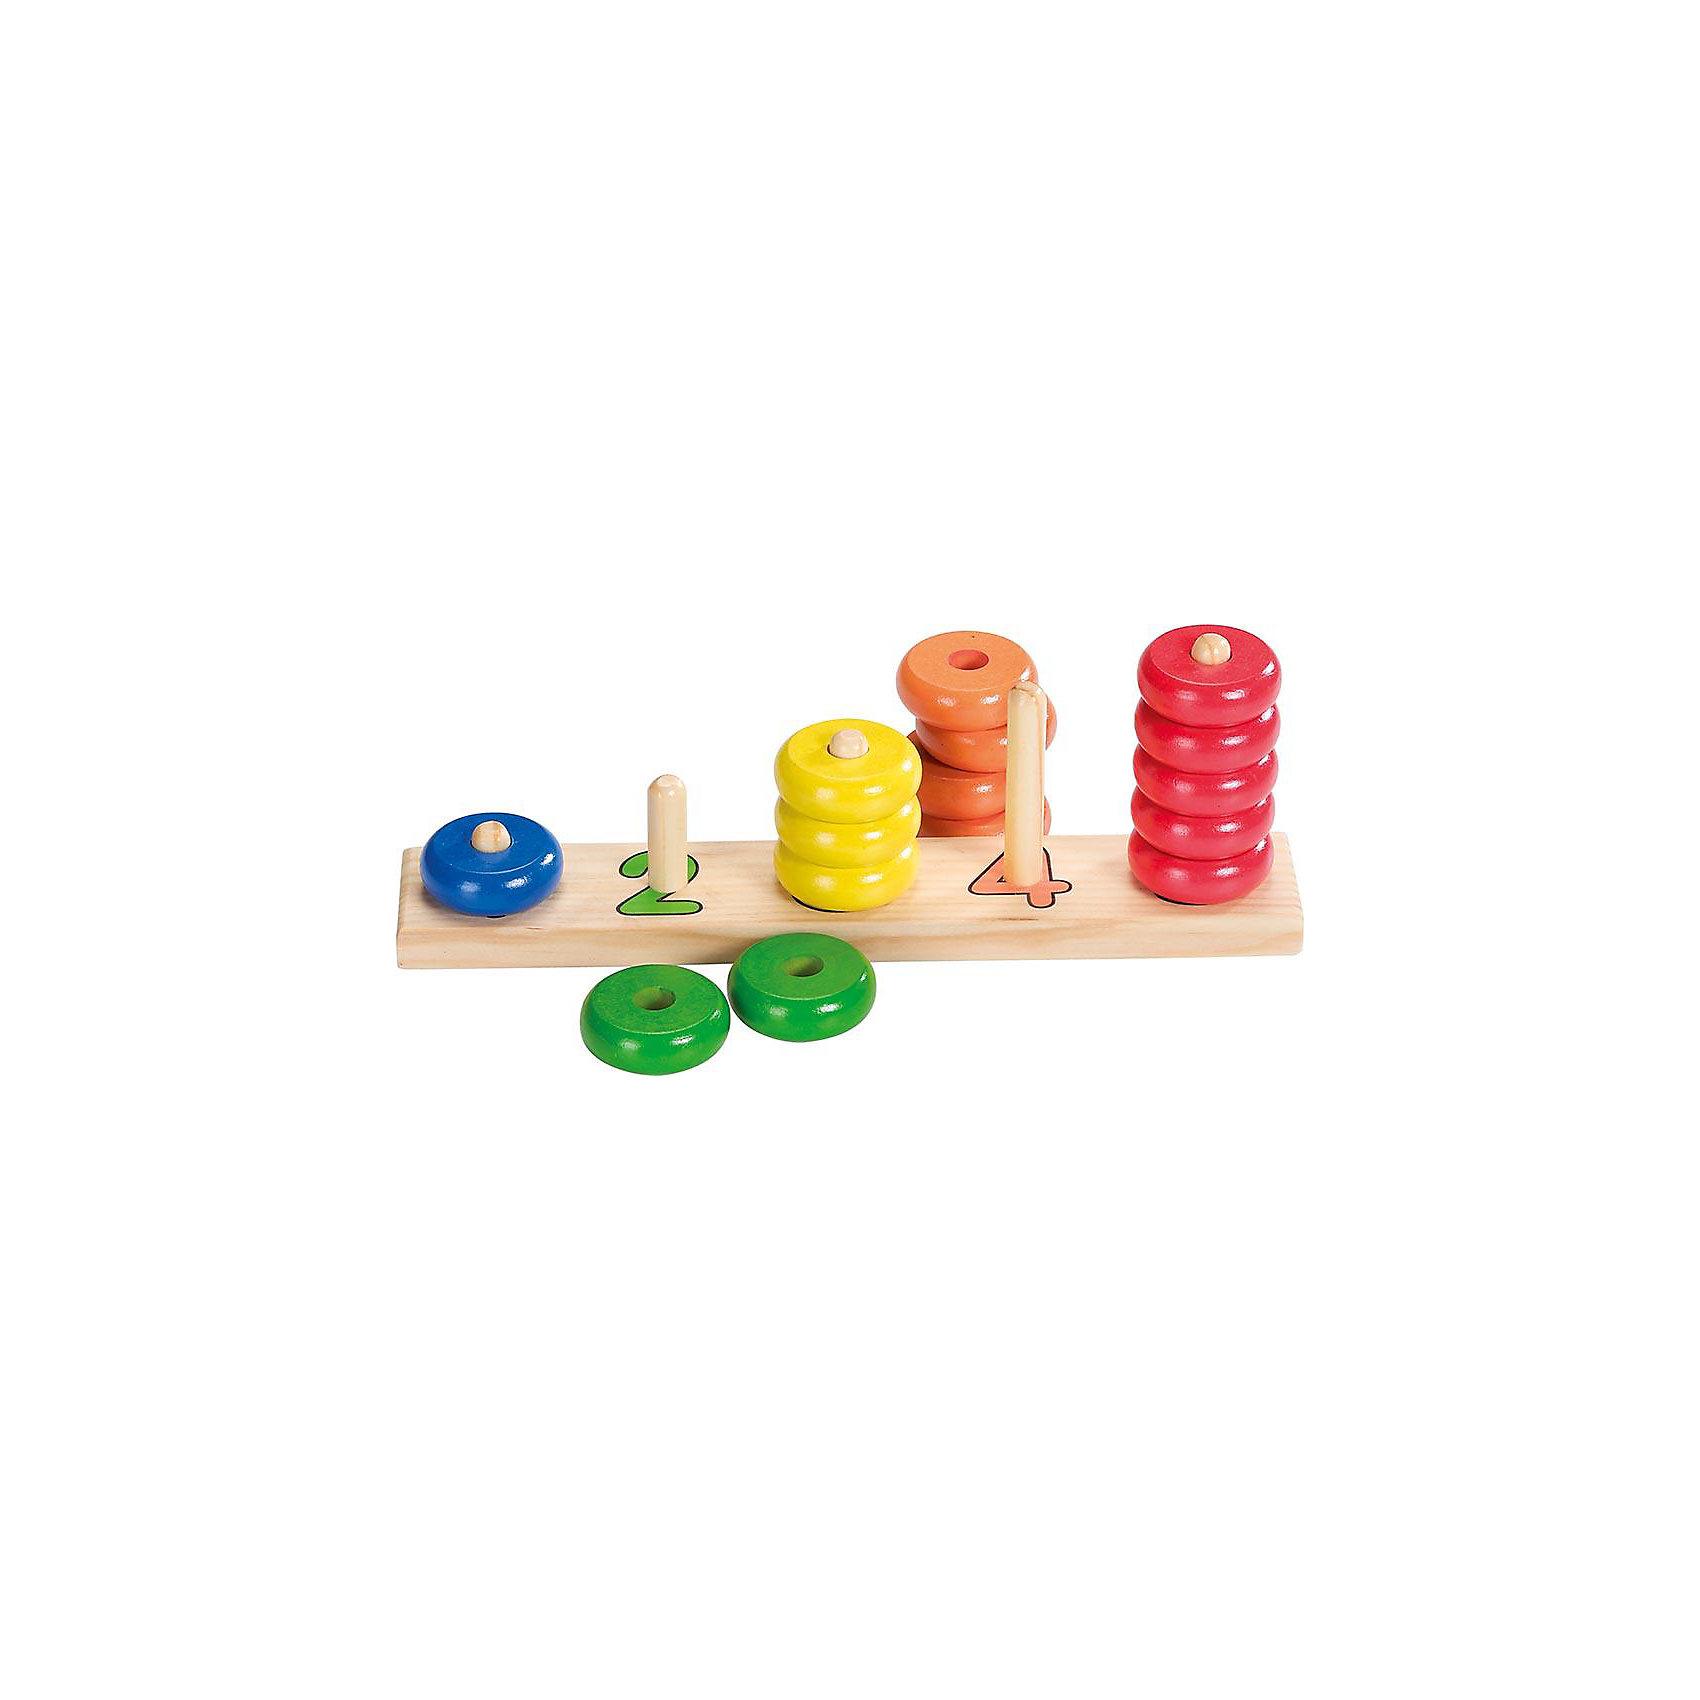 Сортировщик-пирамидка с кольцами Учись считать, gokiСортировщик-пирамидка с кольцами Учись считать, goki<br><br>Характеристики:<br>- Материал: дерево <br>- Размер: 27 * 5 * 9,5 см. <br><br>Сортировщик-пирамидка с кольцами Учись считать, от немецкого бренда развивающих товаров для детей goki (гоки) станет отличным другом малыша. Пять цветов колечек совпадают пяти пирамидкам с цифрами покрашенными в соответствующий колечкам цвет. Игрушка изготовлена из экологически чистого и безопасного материала – дерева. Игрушка окрашена нетоксичными и безопасными красками и отлично отшлифована. Если малыш уже знаком с классической пирамидкой, то этот сортировщик будет отличным дополнением, также сортировщик-пирамидка будет интересна и как первая пирамидка крохи. С помощью этой игрушки ребенок разовьет логику, моторику рук, научится цветам и счету до пяти. Сортировщик-пирамидка отлично подойдет как девочкам, так и мальчикам.<br><br>Сортировщик-пирамидку с кольцами Учись считать, goki (гоки) можно купить в нашем интернет-магазине.<br>Подробнее:<br>• Для детей в возрасте: от 3 до 6 лет <br>• Номер товара: 2207672<br>Страна производитель: Германия<br><br>Ширина мм: 270<br>Глубина мм: 50<br>Высота мм: 95<br>Вес г: 400<br>Возраст от месяцев: 36<br>Возраст до месяцев: 72<br>Пол: Унисекс<br>Возраст: Детский<br>SKU: 2207672